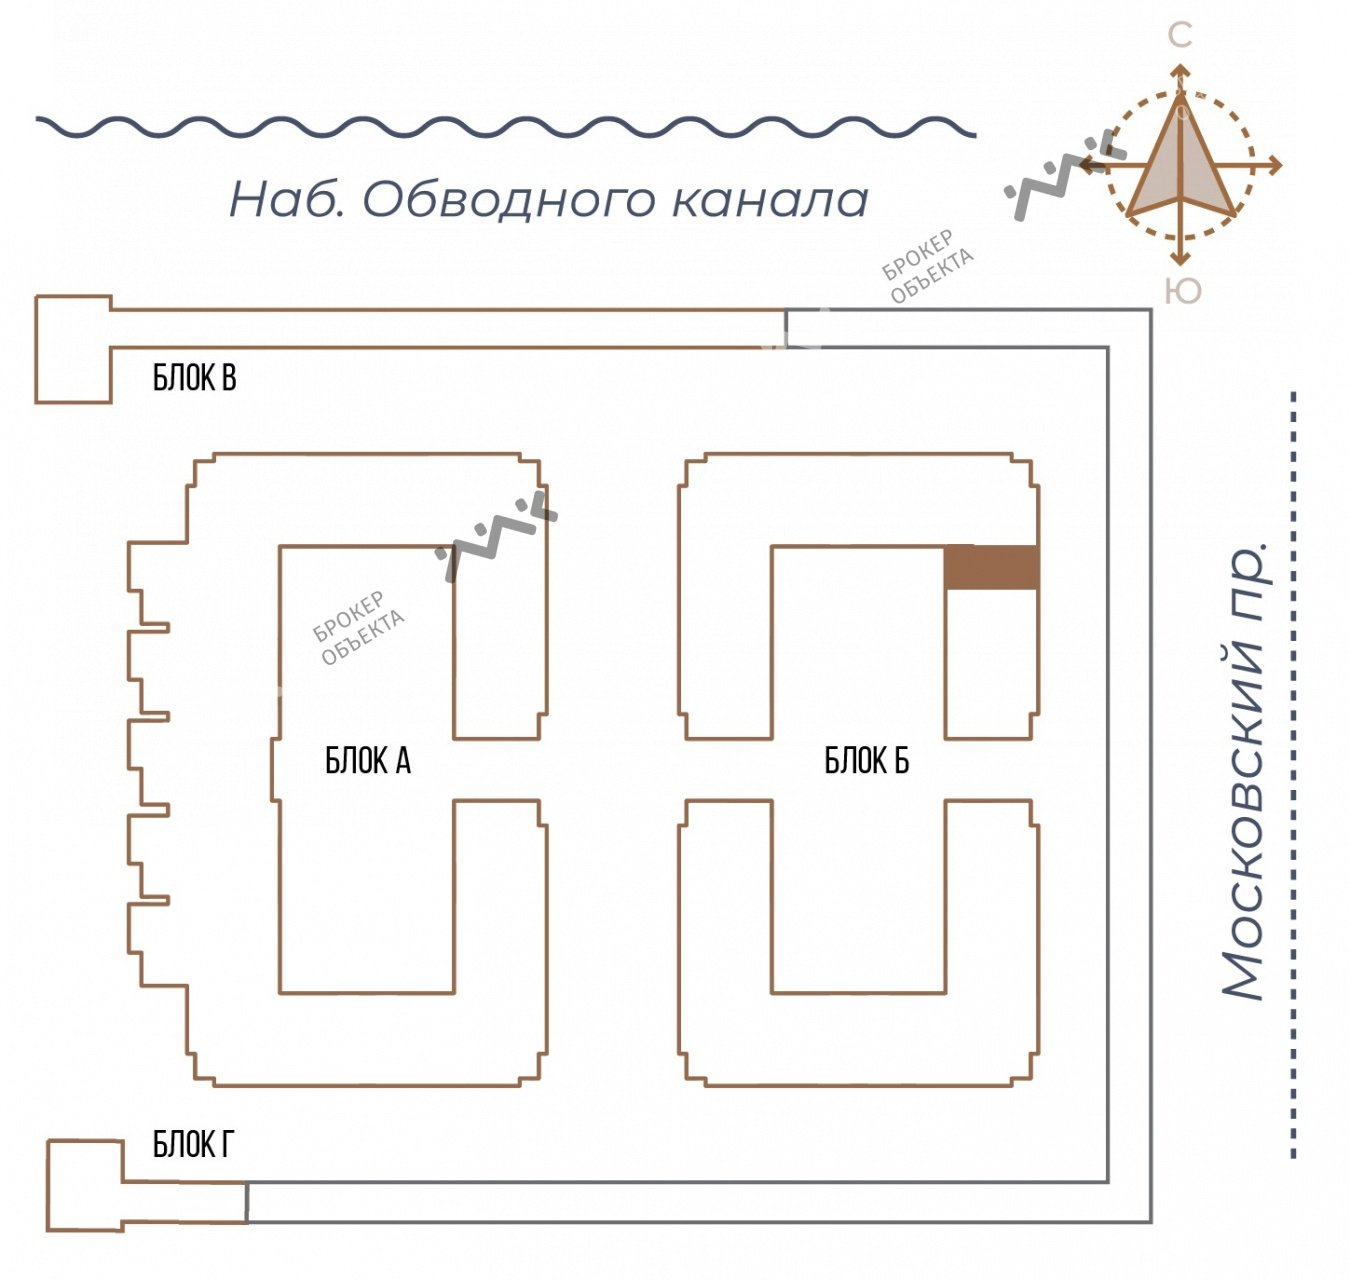 Планировка Московский проспект, д.65. Лот № 27731534